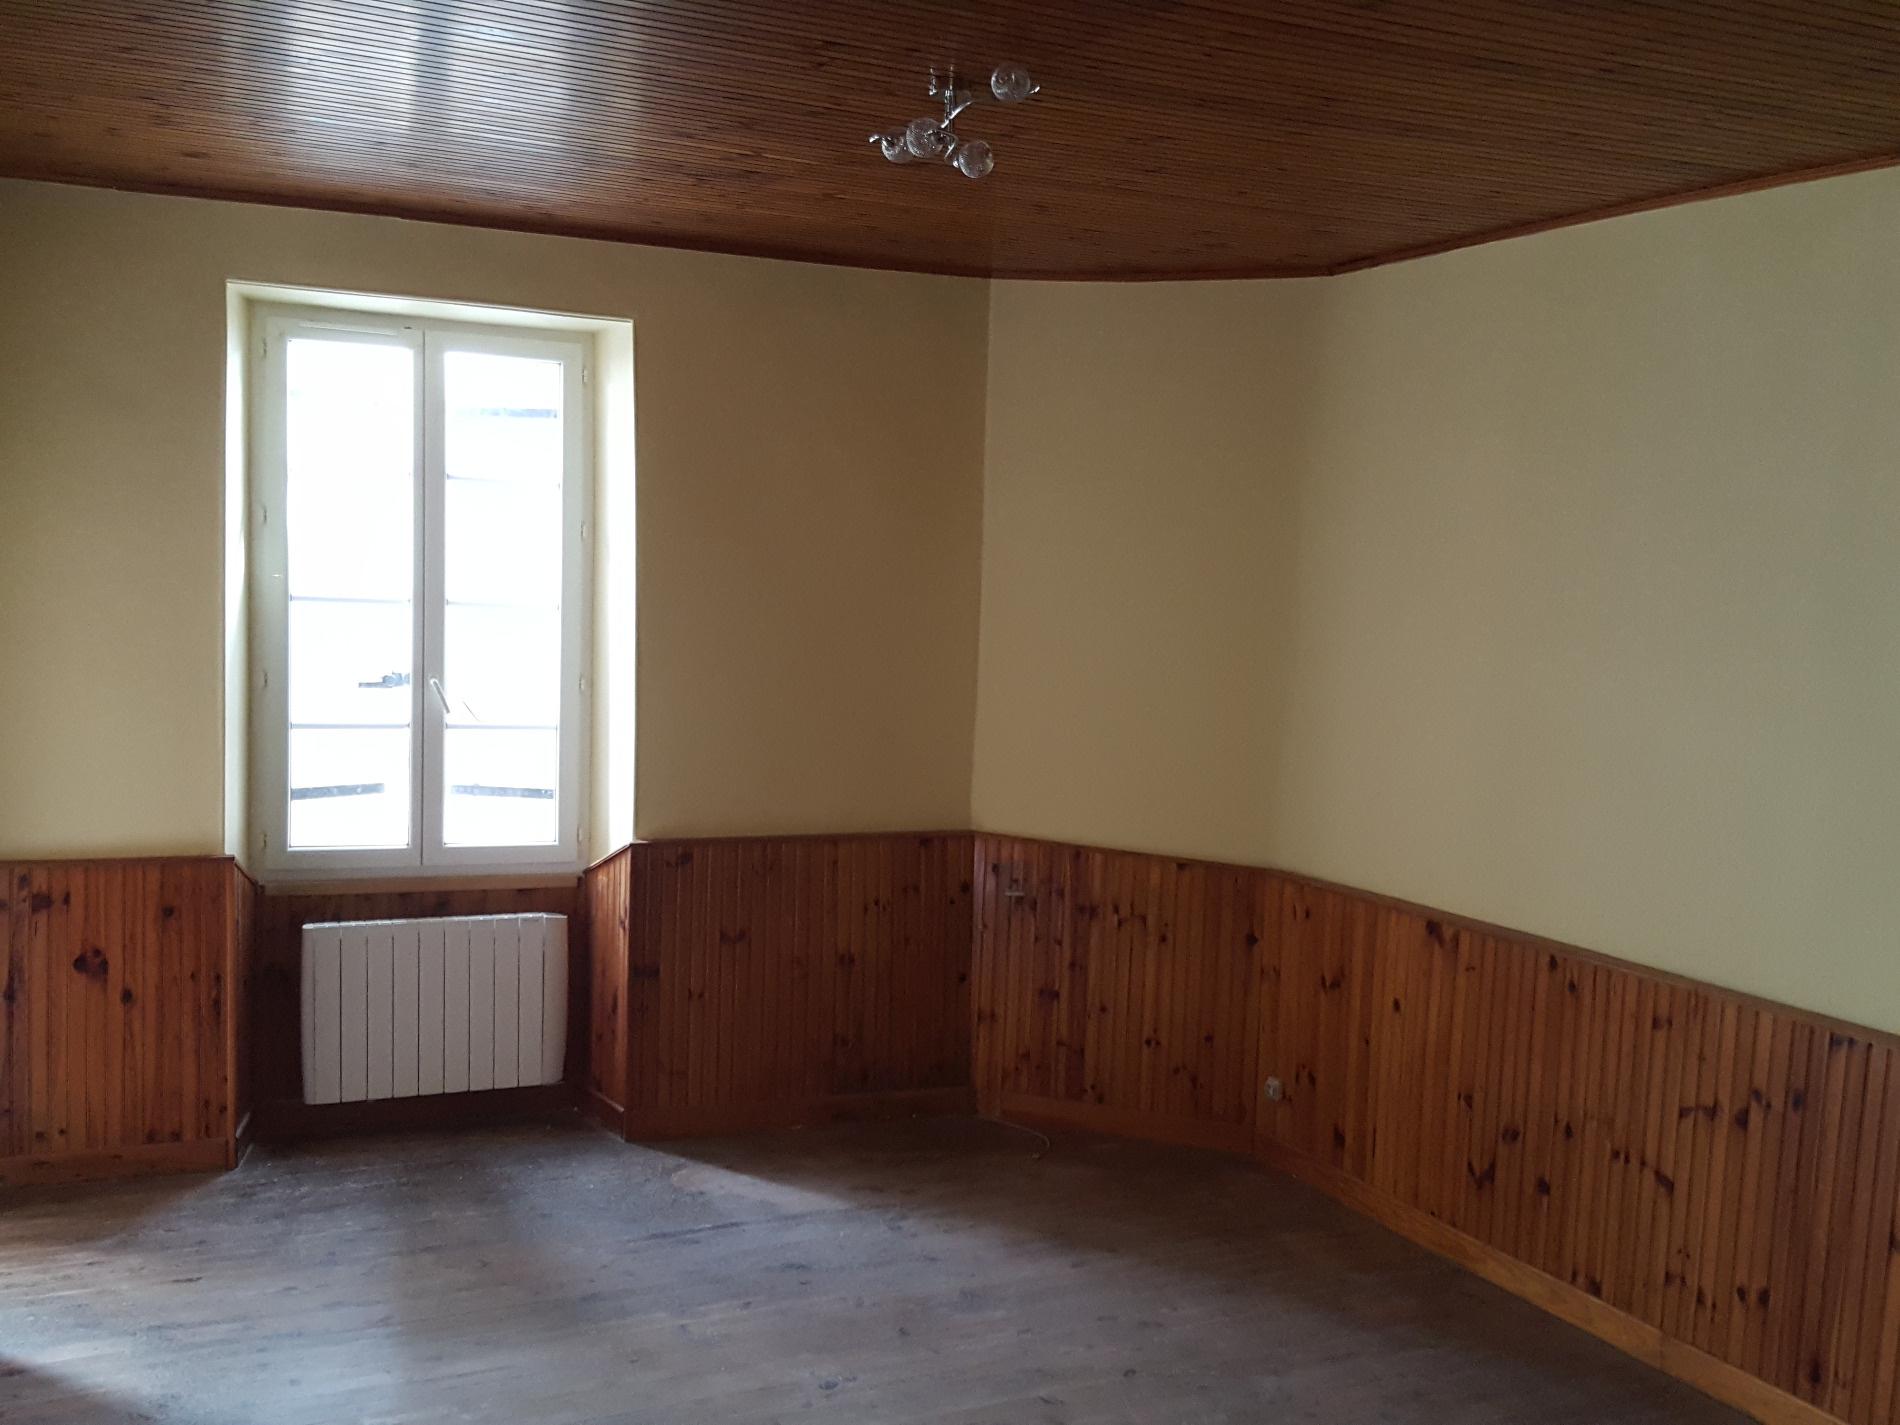 location Maison 3 chambres à louer